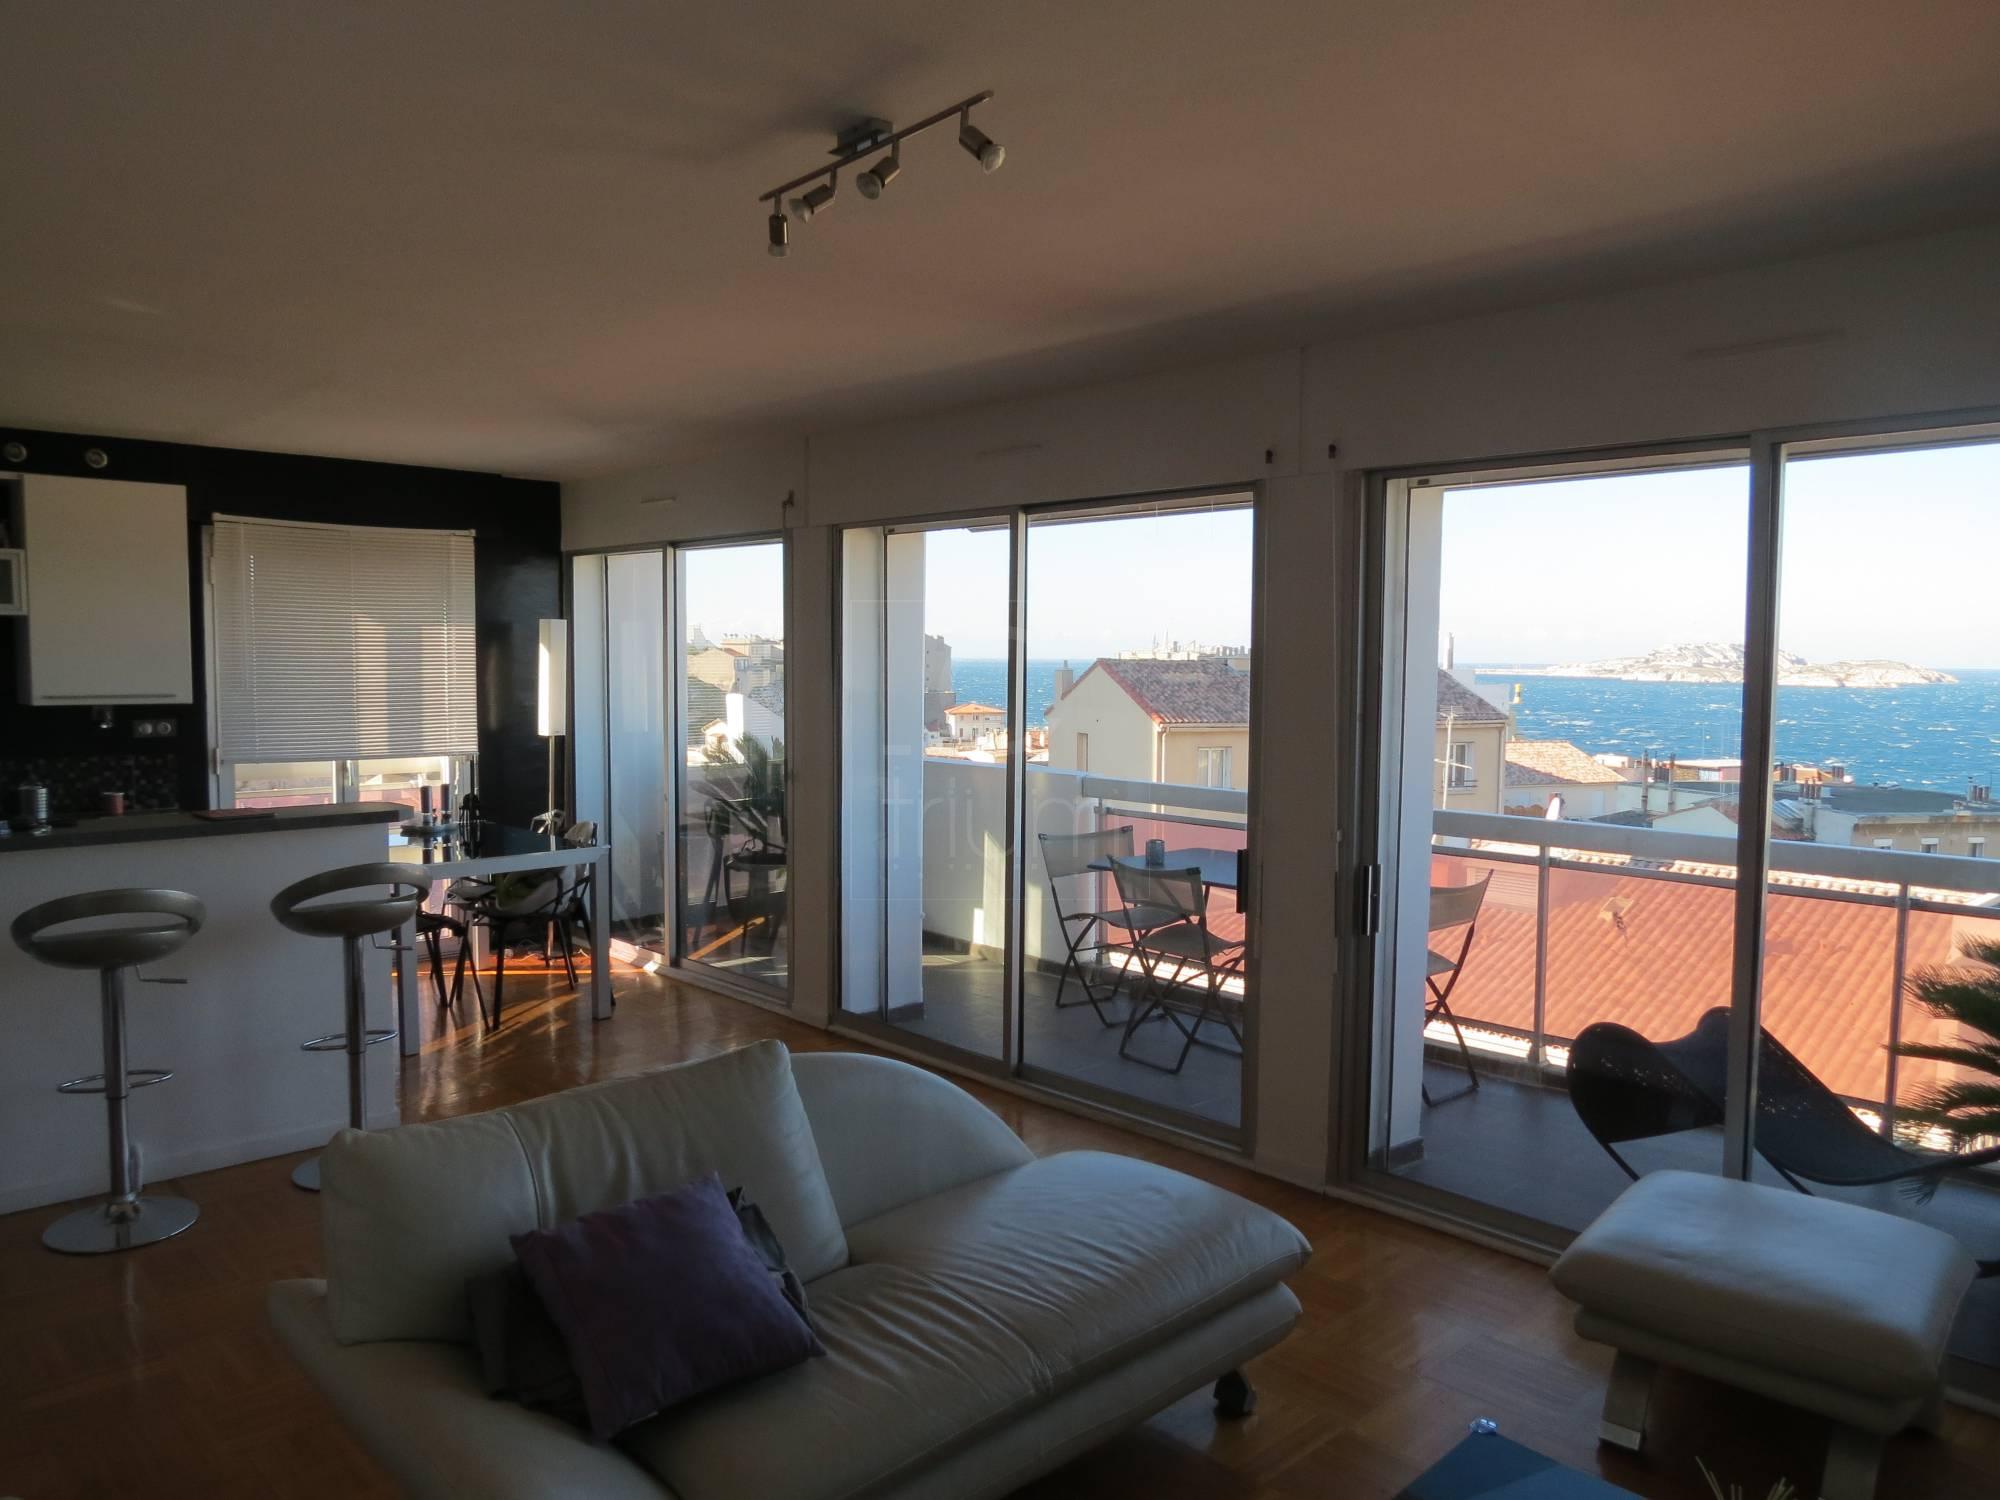 Location appartement Aix en Provence : aimez-vous la verdure?